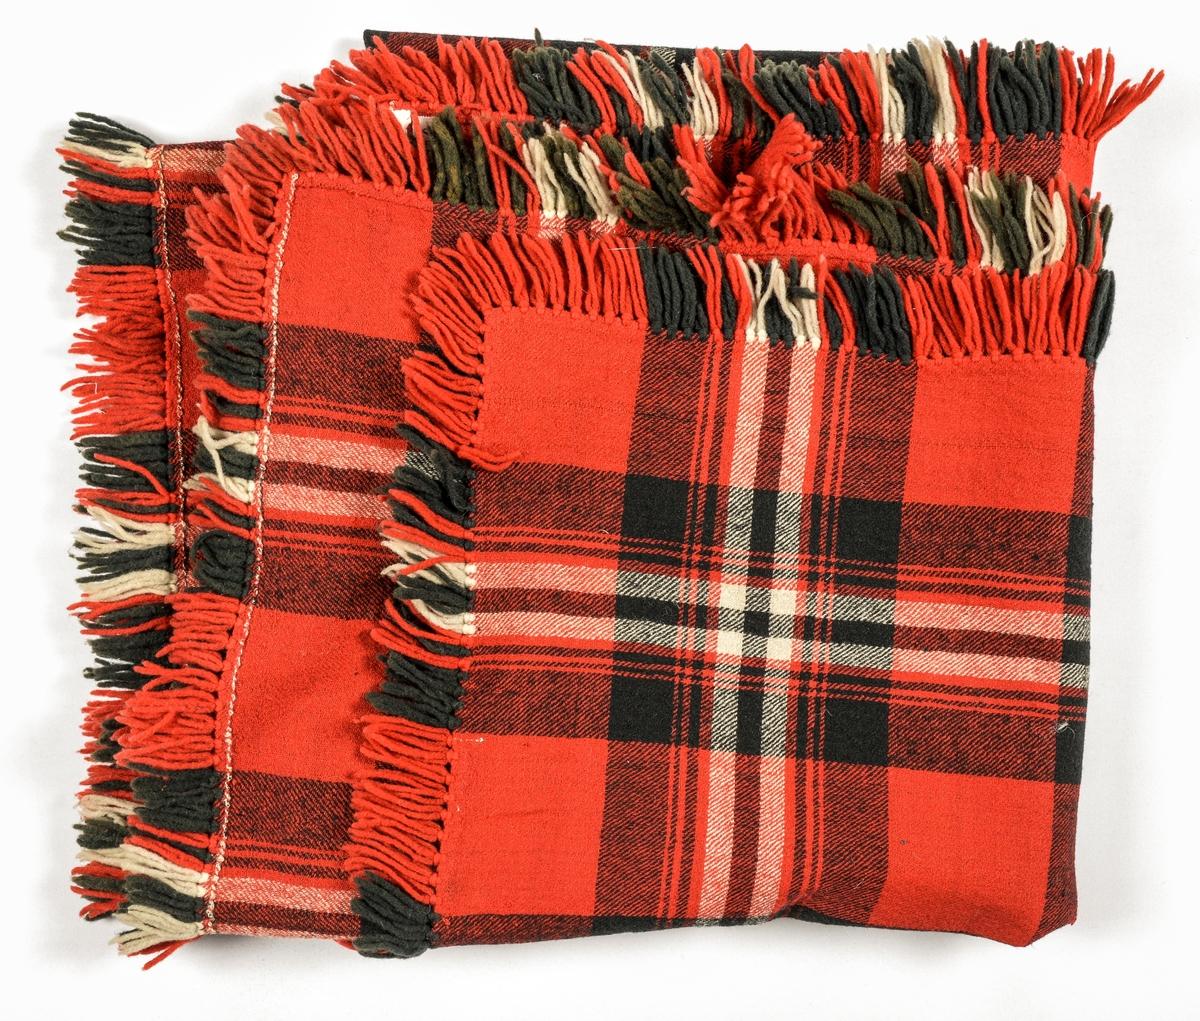 Sjal i ruta raudt, sauesvart og kvitt ullgarn. Kypertvove. Samansydd på midten, falda rundt alle sidene og påsette frynser av laustvinna ullgarn i same farger som sjalet.